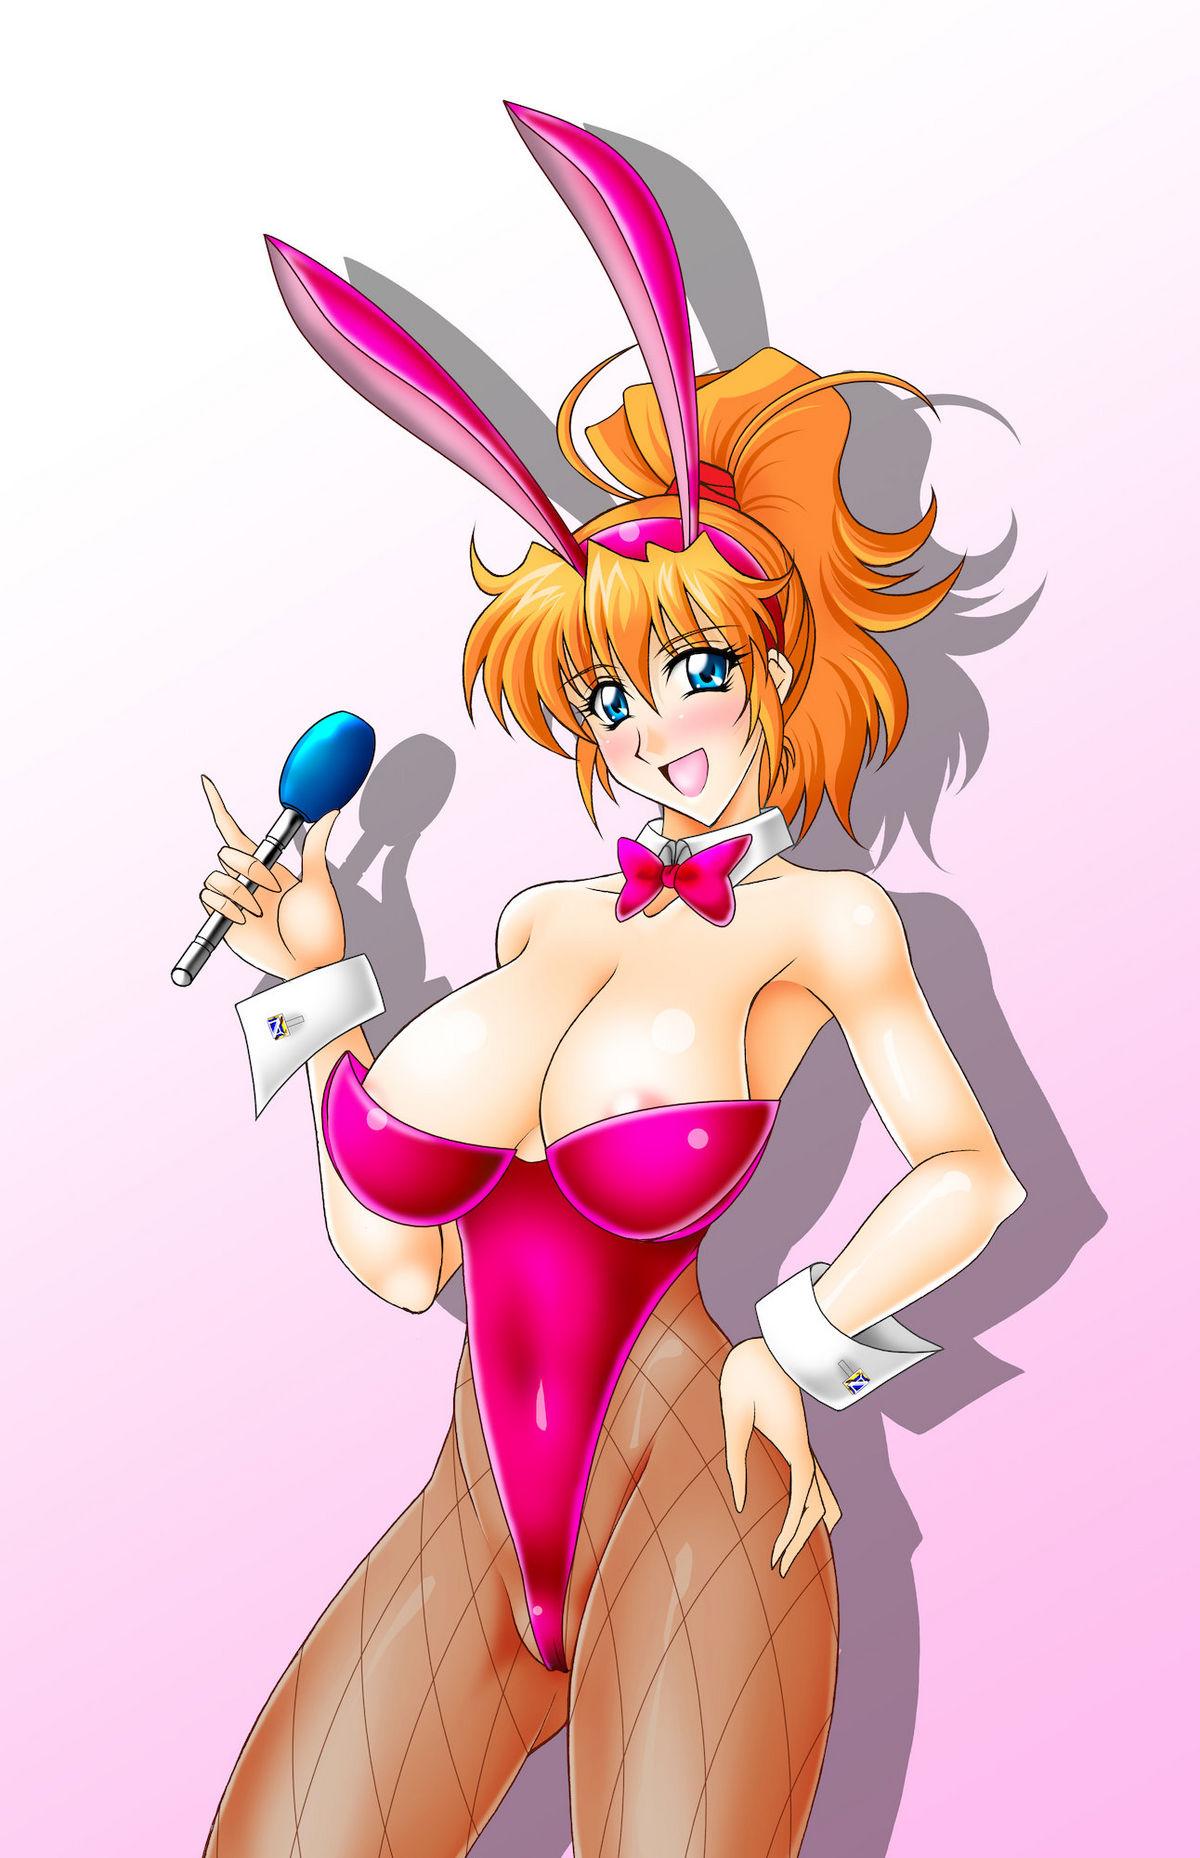 二次元 2次元 エロ画像 バニーガール コスプレ べっぴん娘通信 30